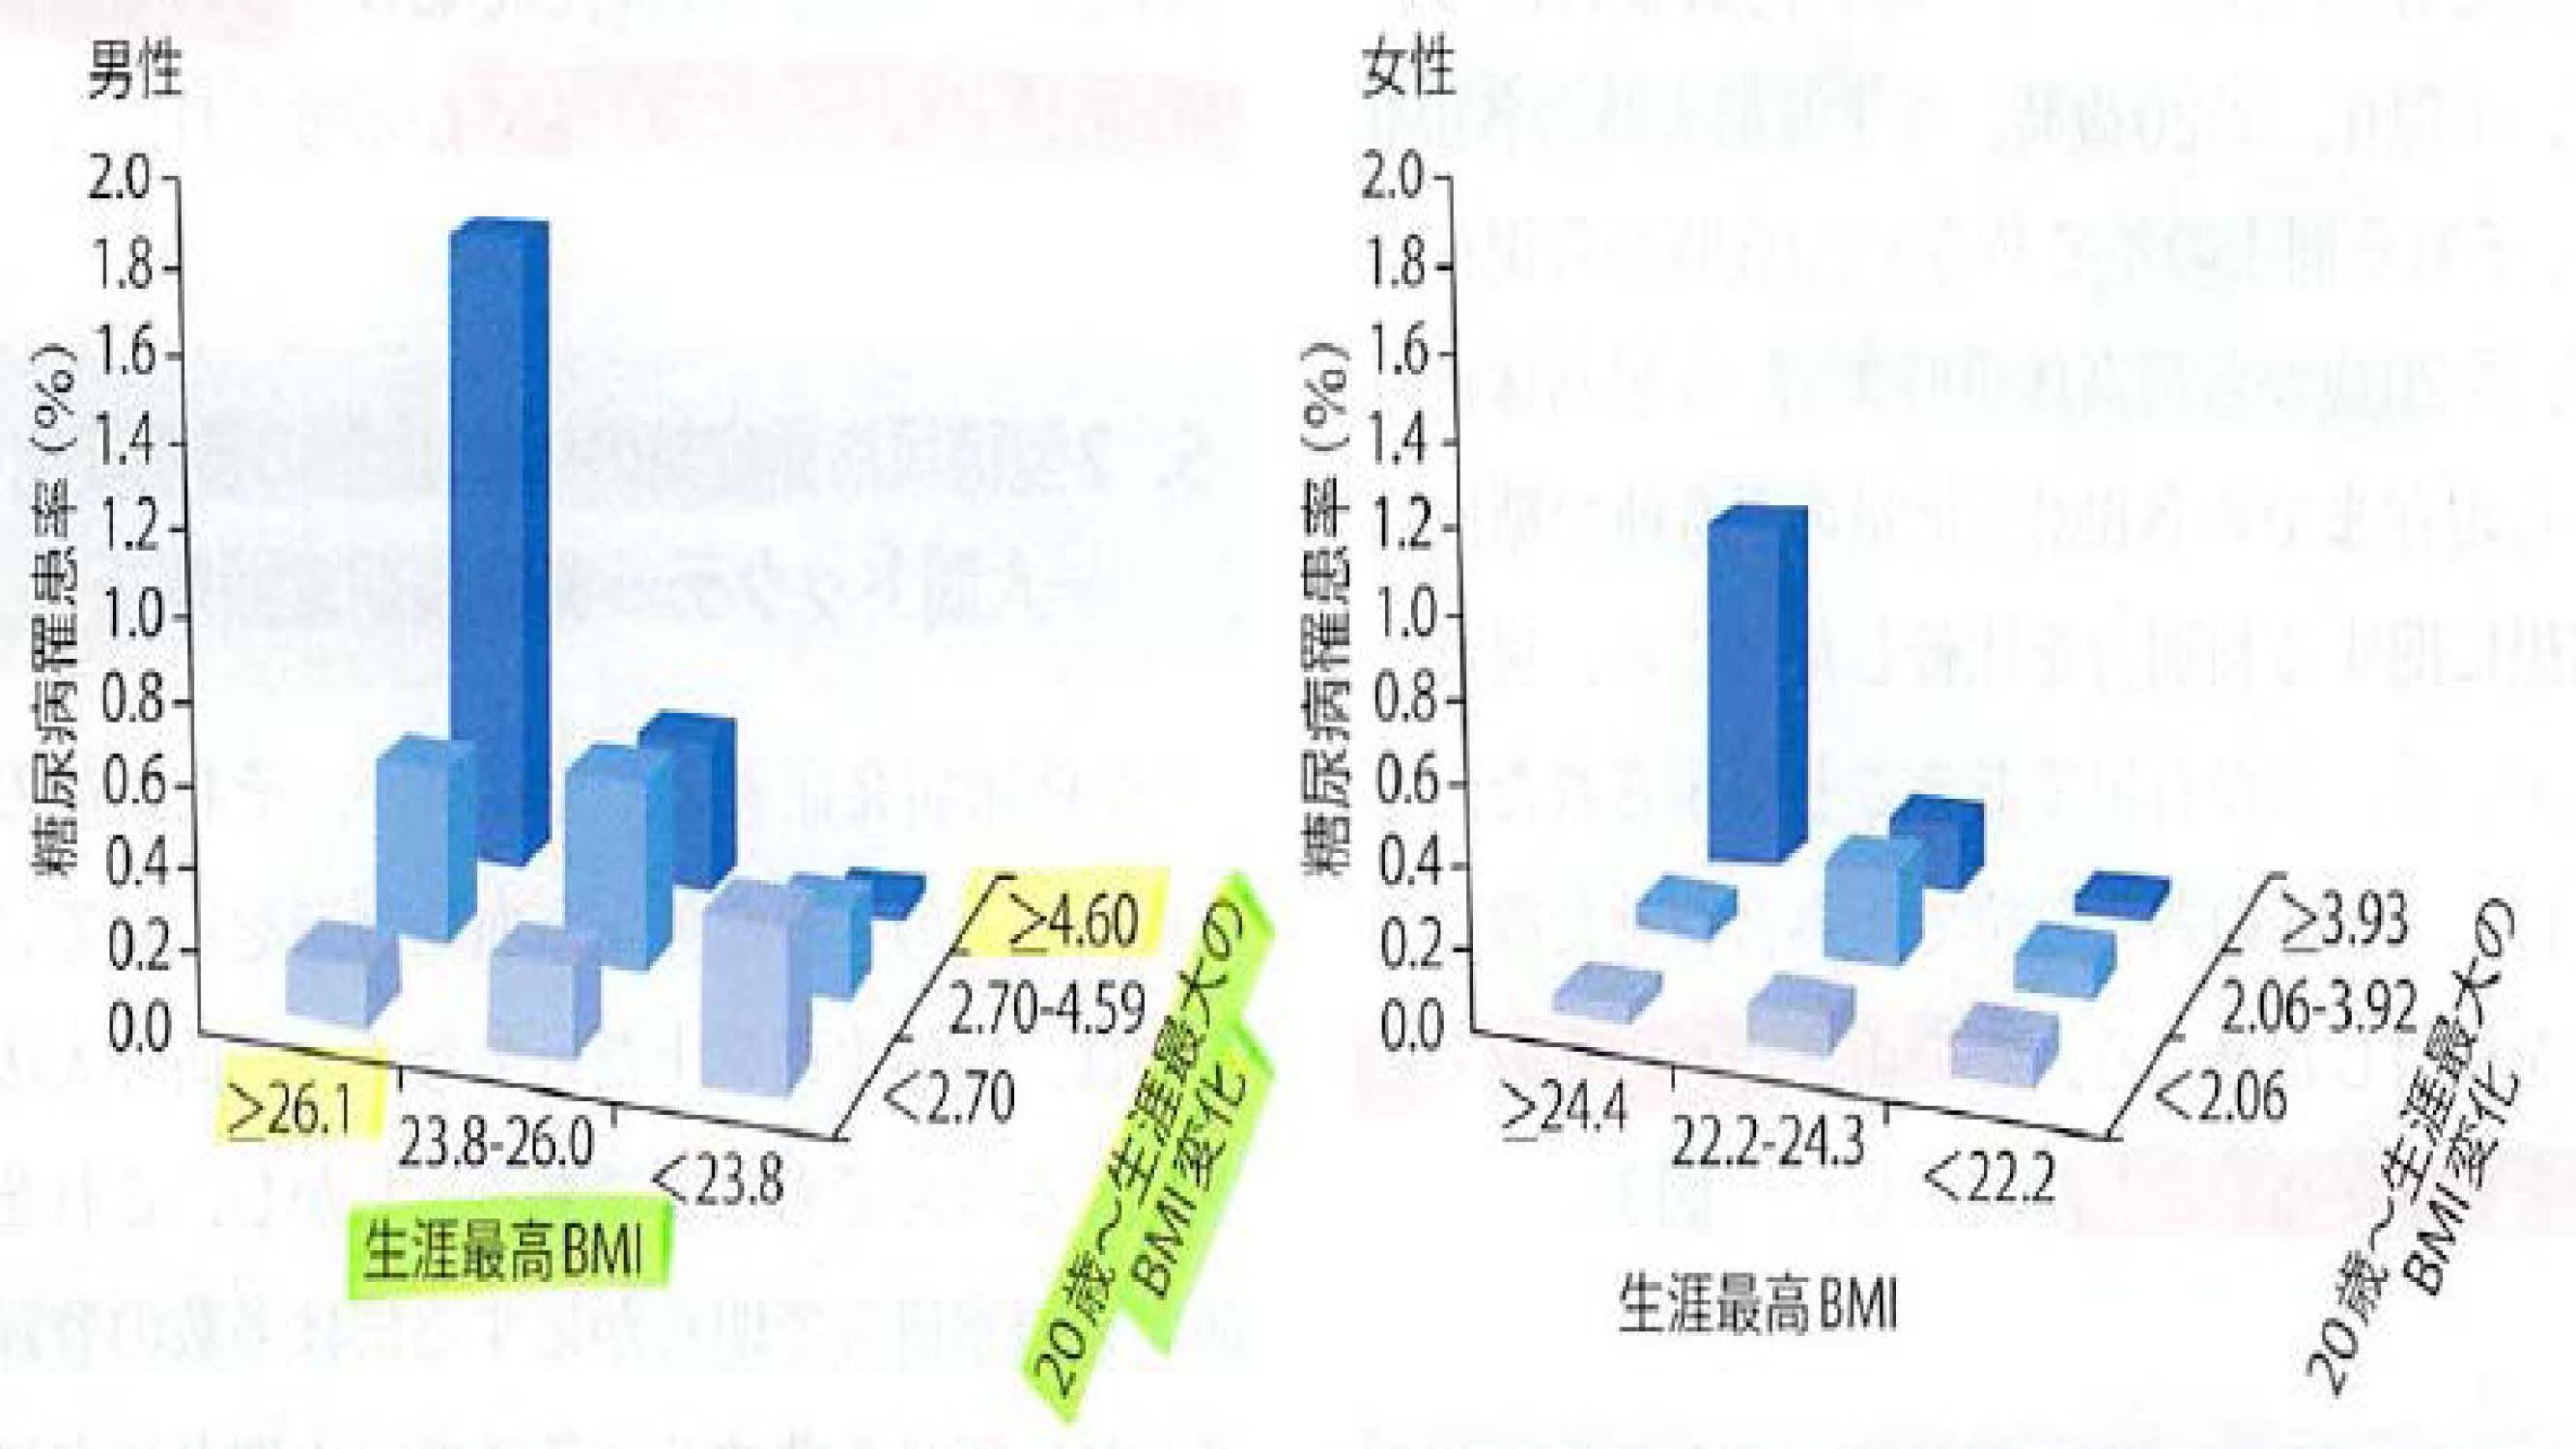 人生で最大値のBMI値 20歳時から最高体重時までのBMI値の変化量と糖尿病発症リスクの関連を示したグラフ